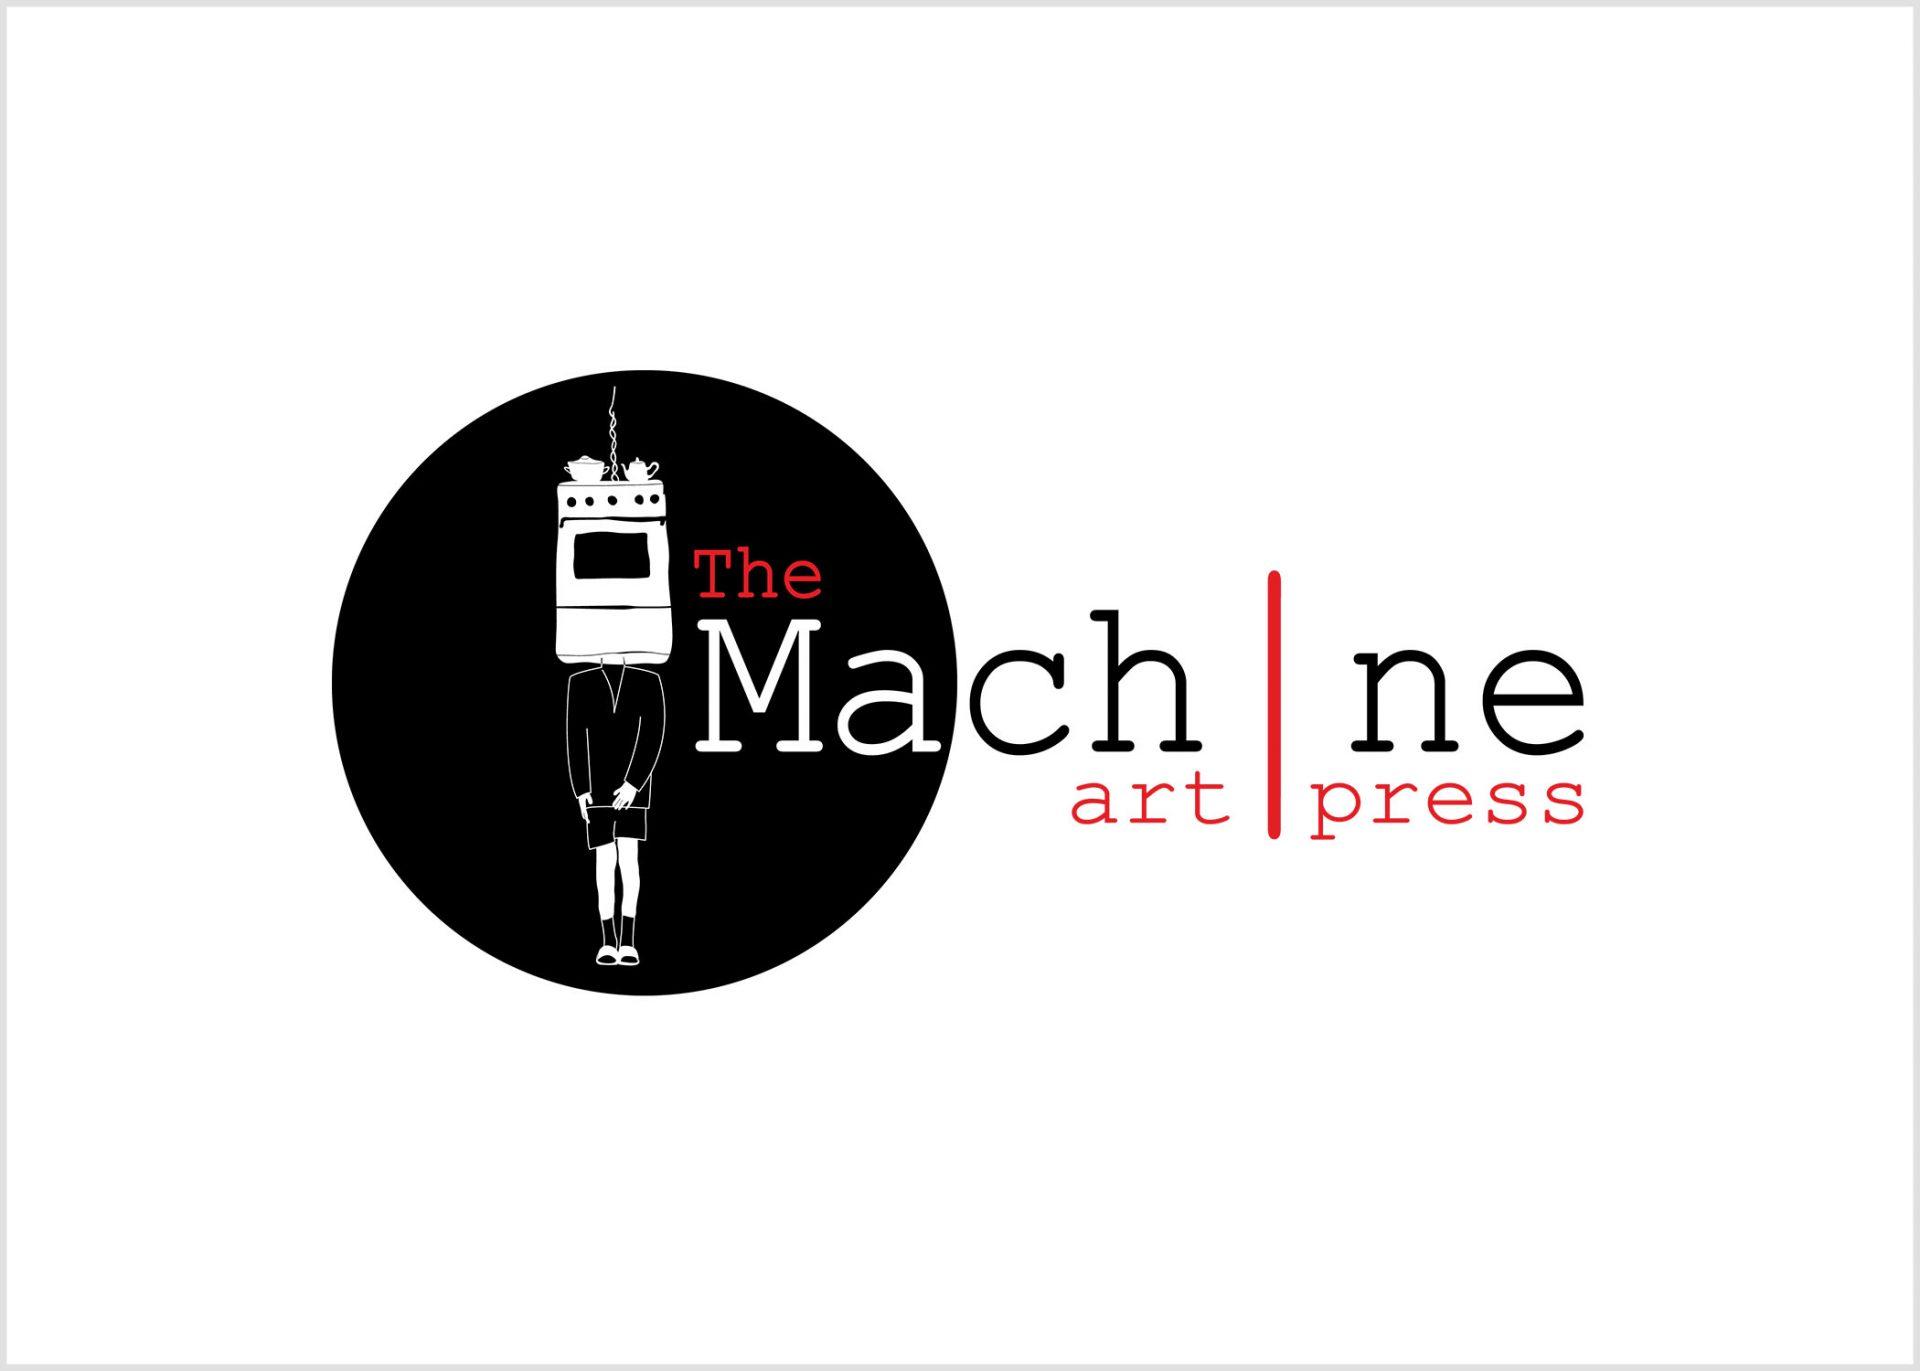 themachine logo